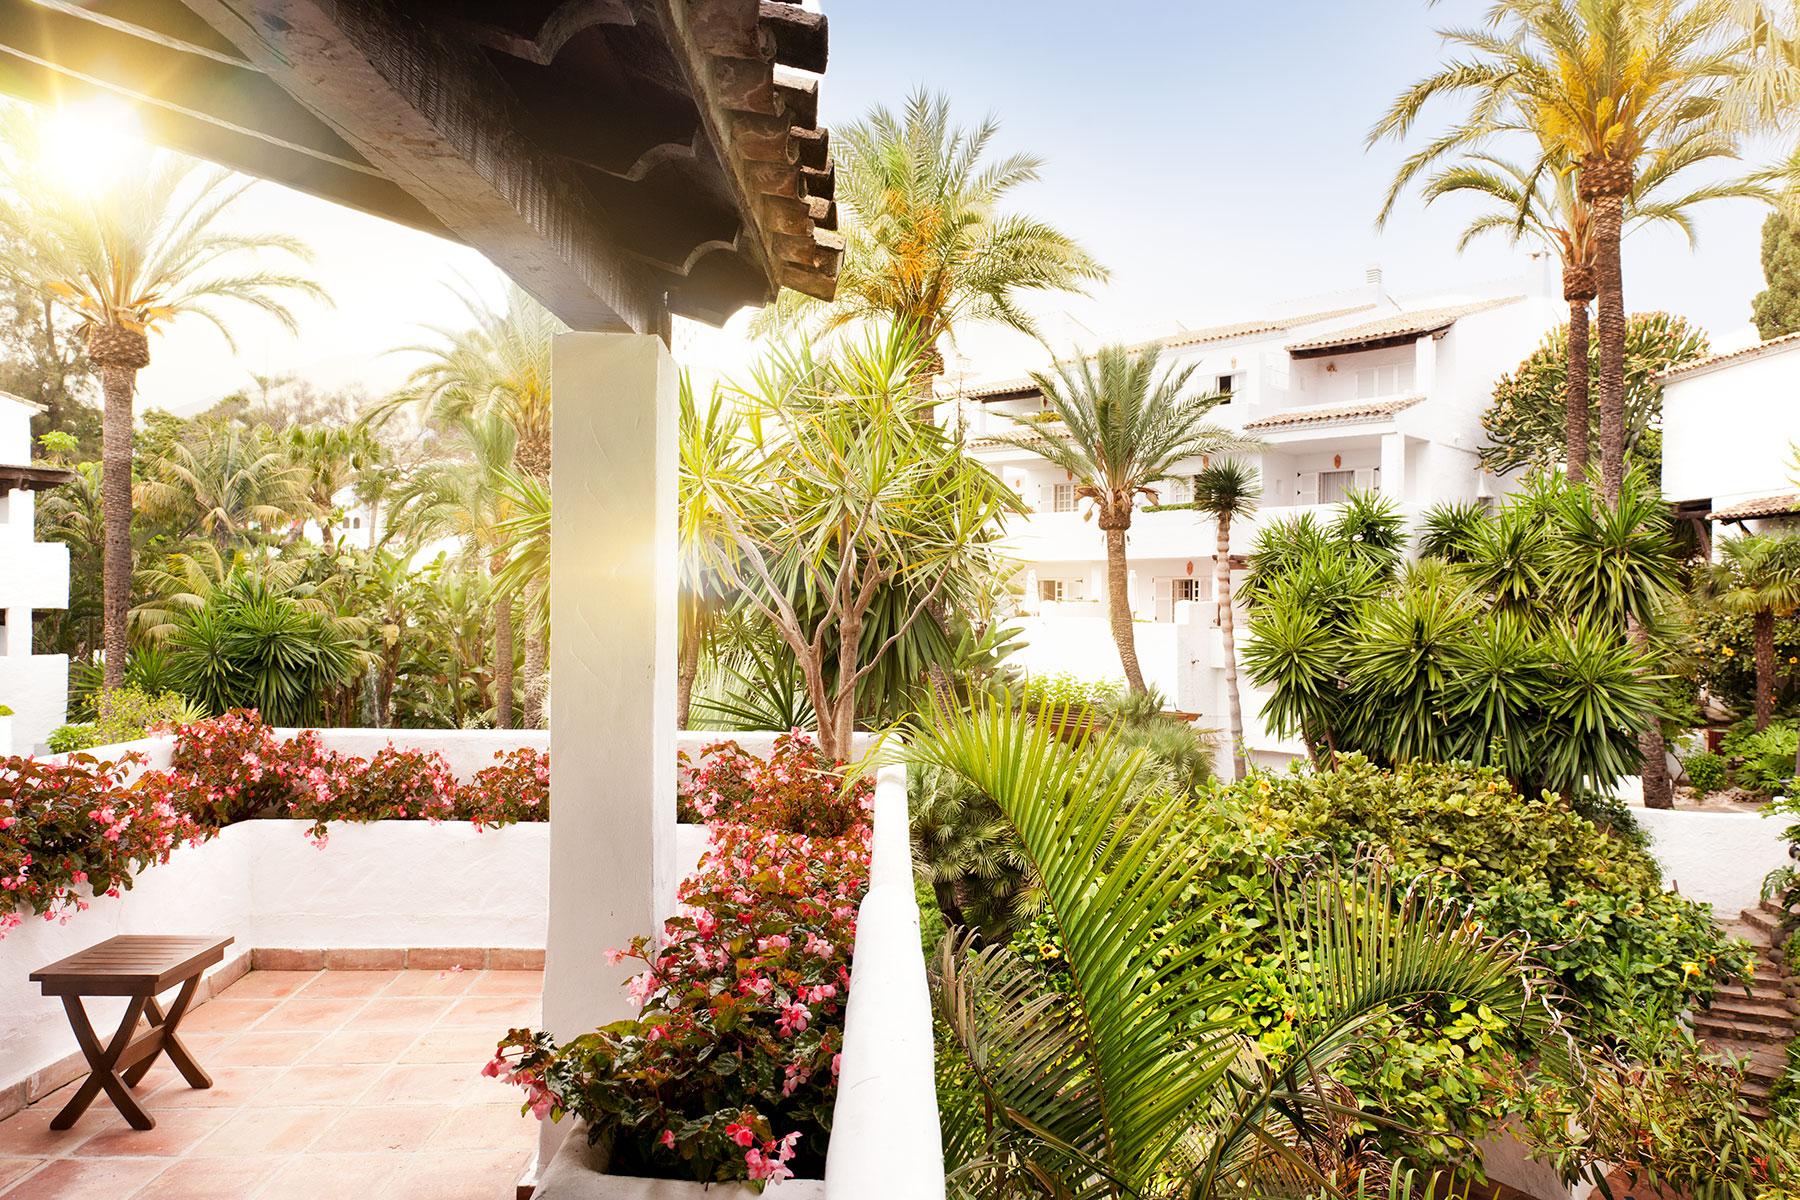 Magical Tropical Gardens Puente Romano